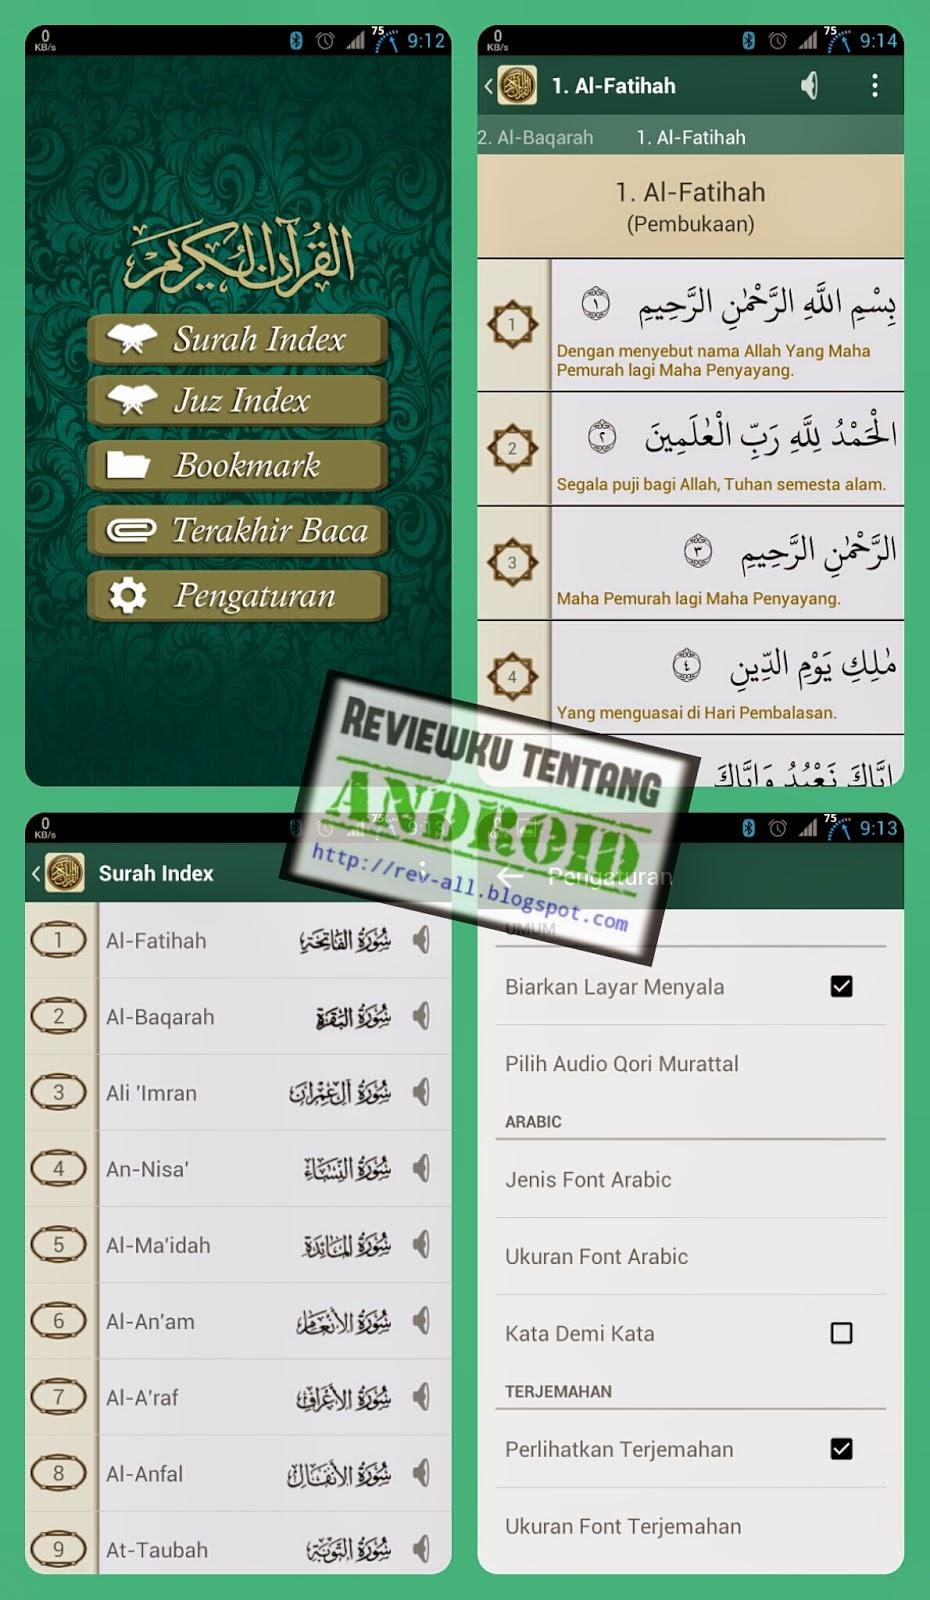 Tampilan aplikasi al-Quran terjemah Indonesia - Aplikasi quran untuk android terjemah bahasa indonesia disertai audio murottal (rev-all.blogspot.com)